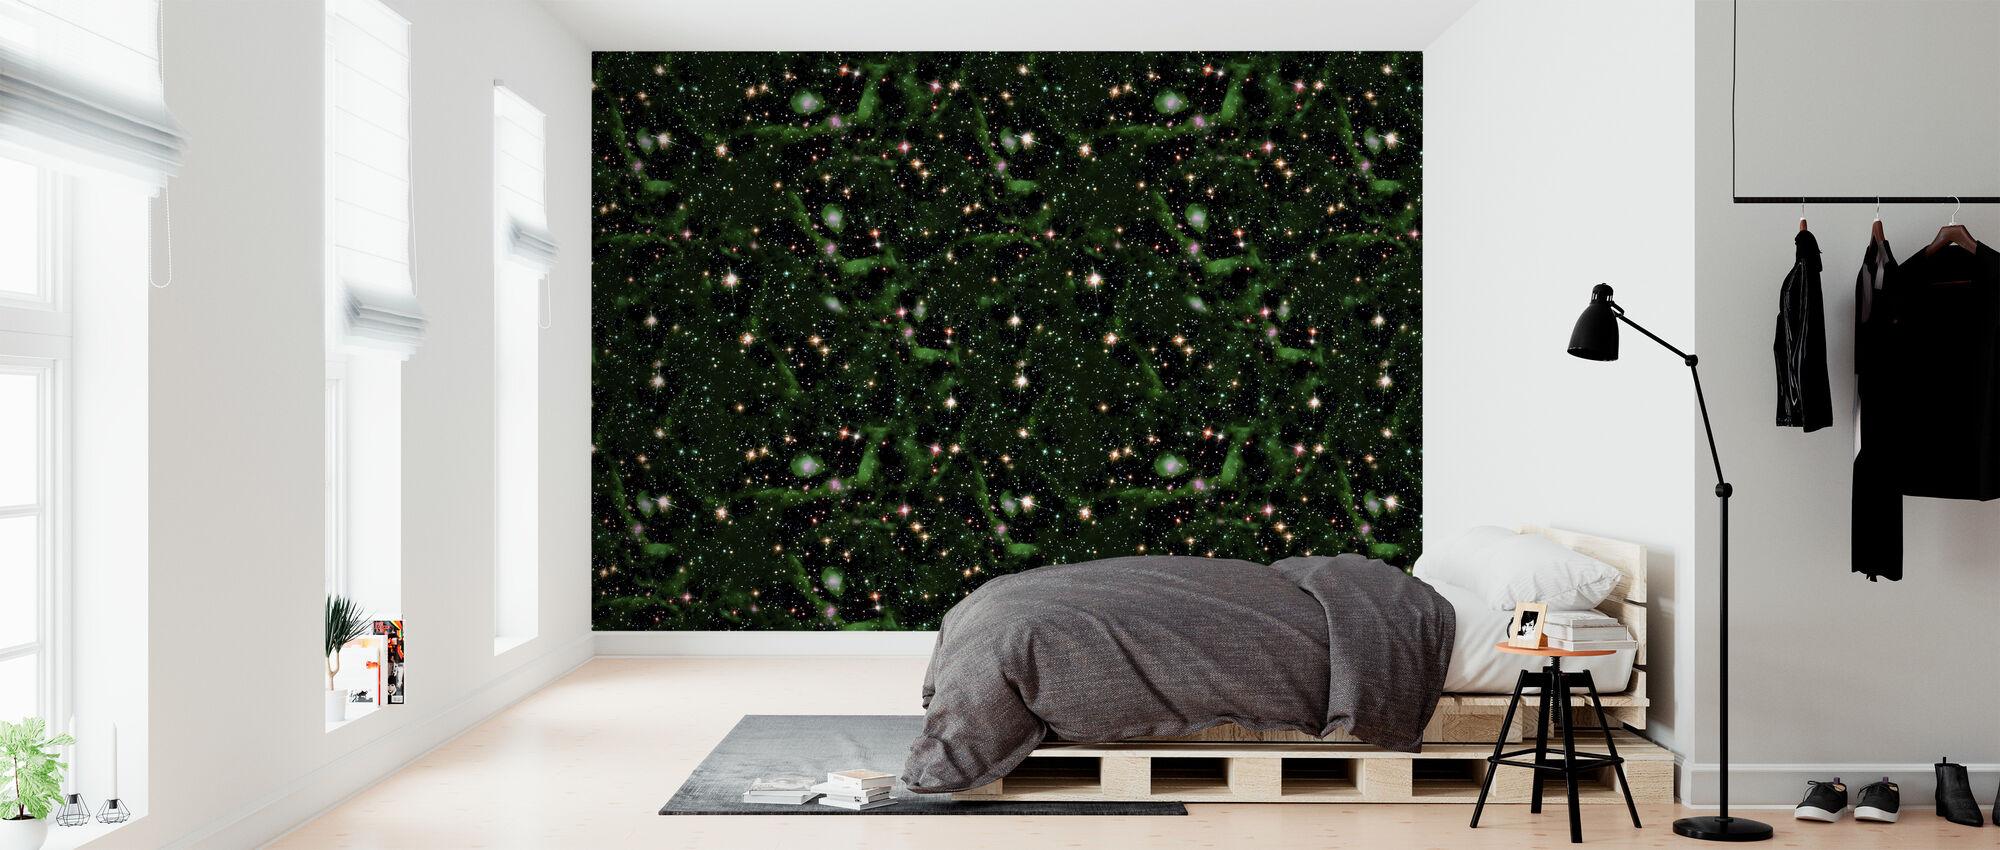 Smaragd - Tapet - Soverom